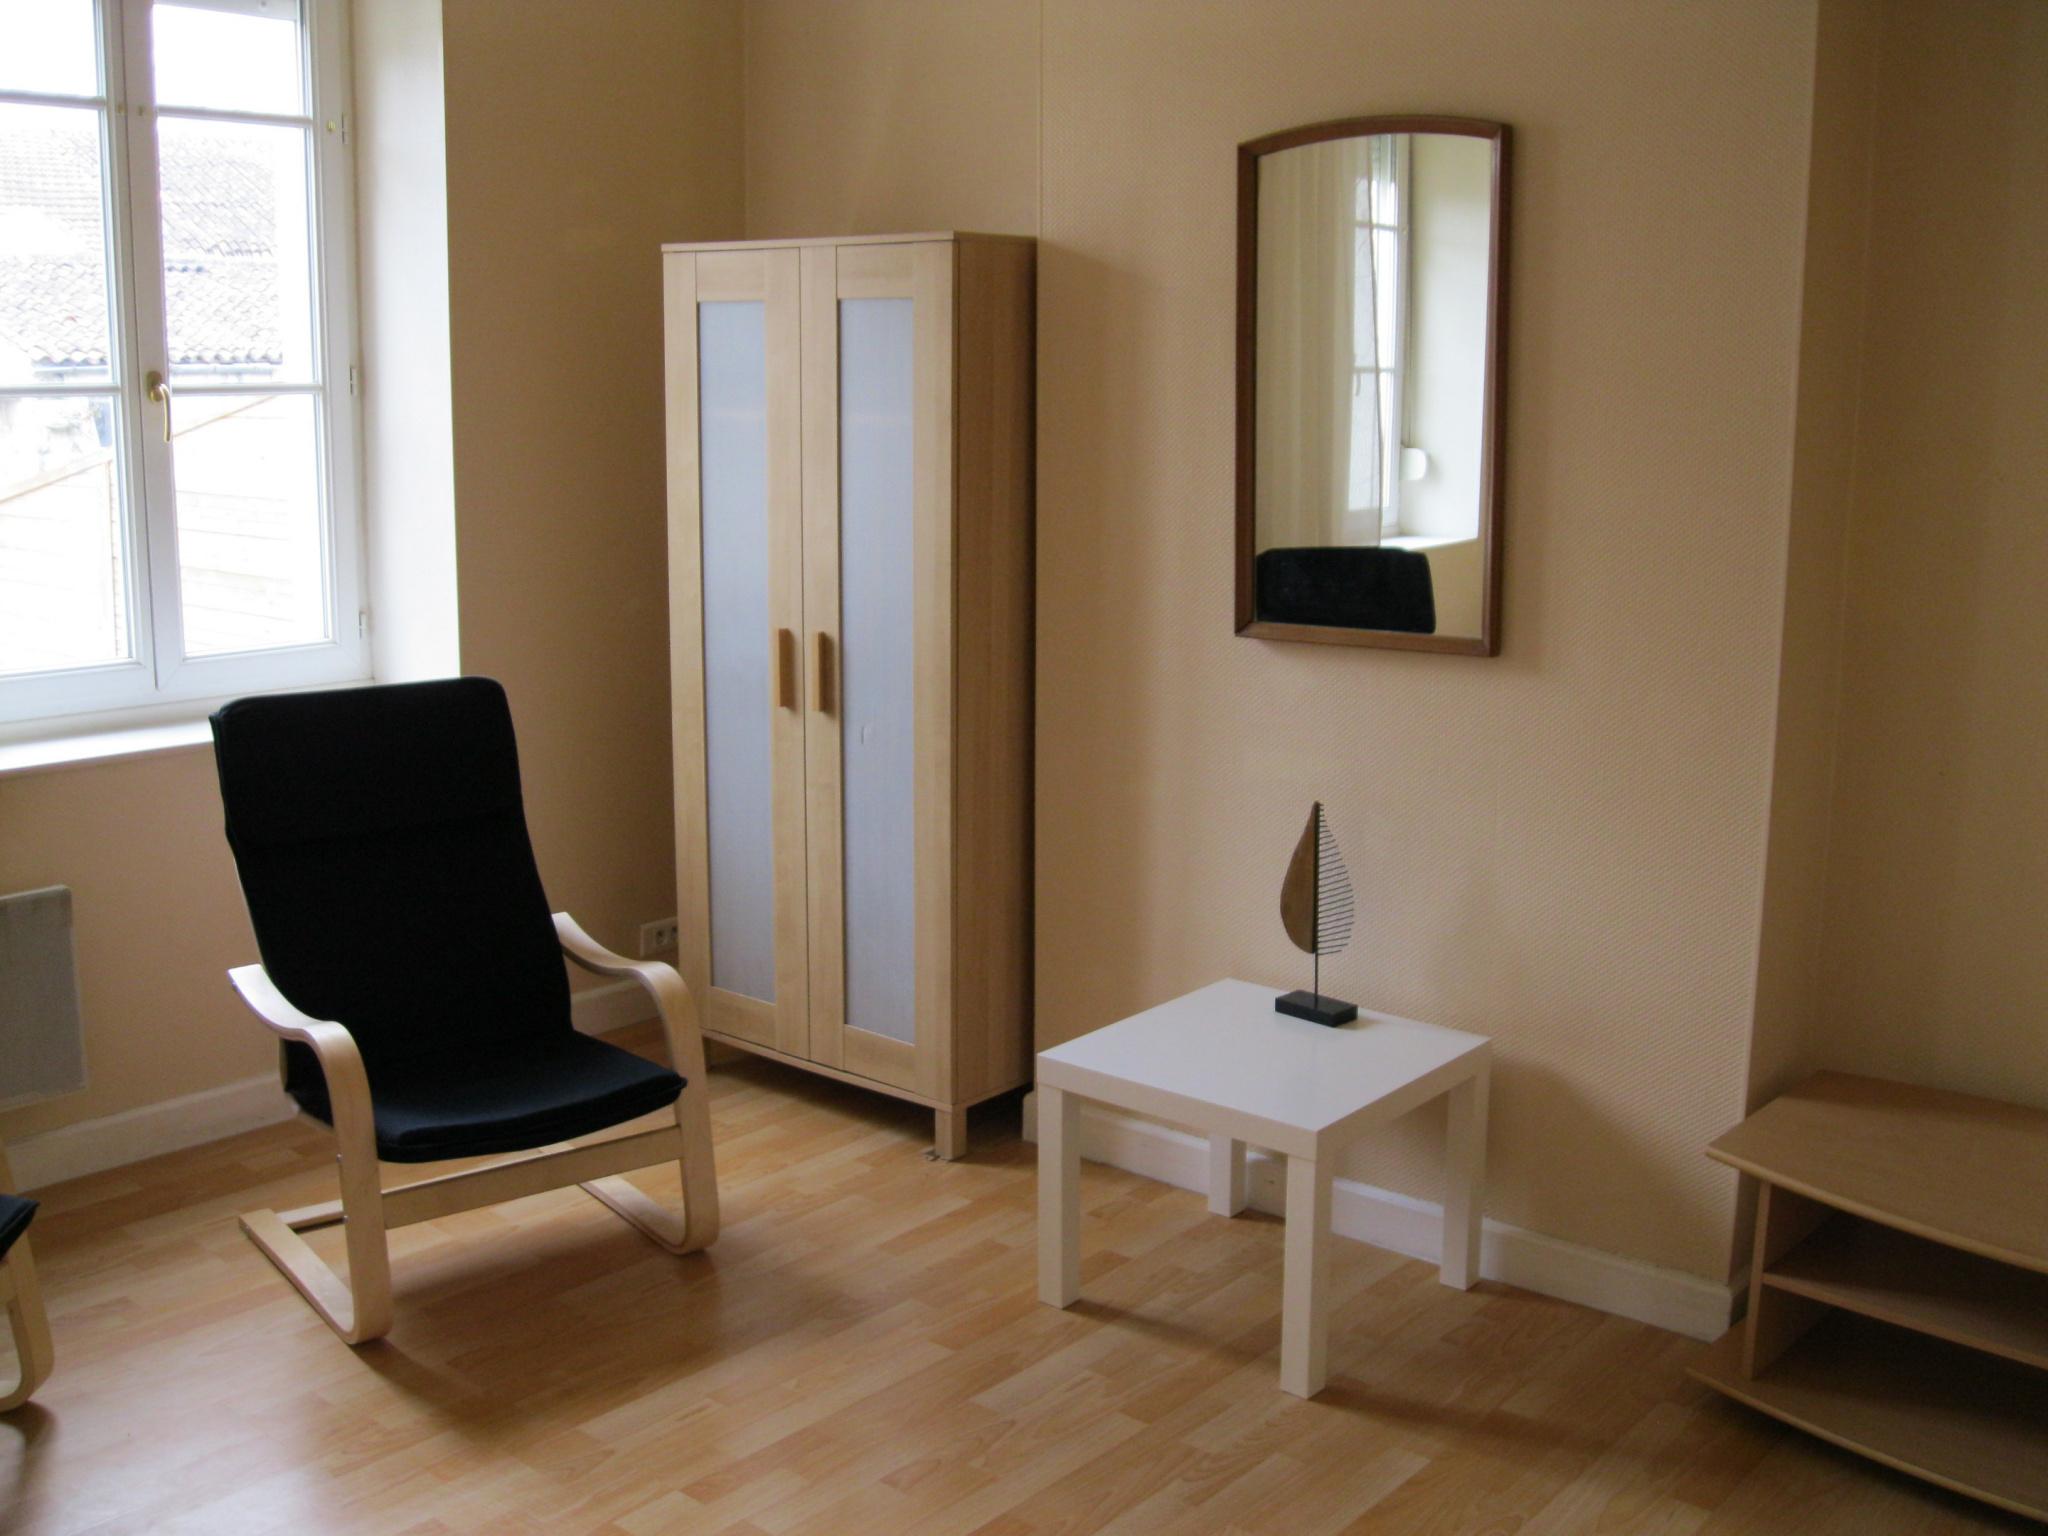 location appartement t1 bis meubl. Black Bedroom Furniture Sets. Home Design Ideas